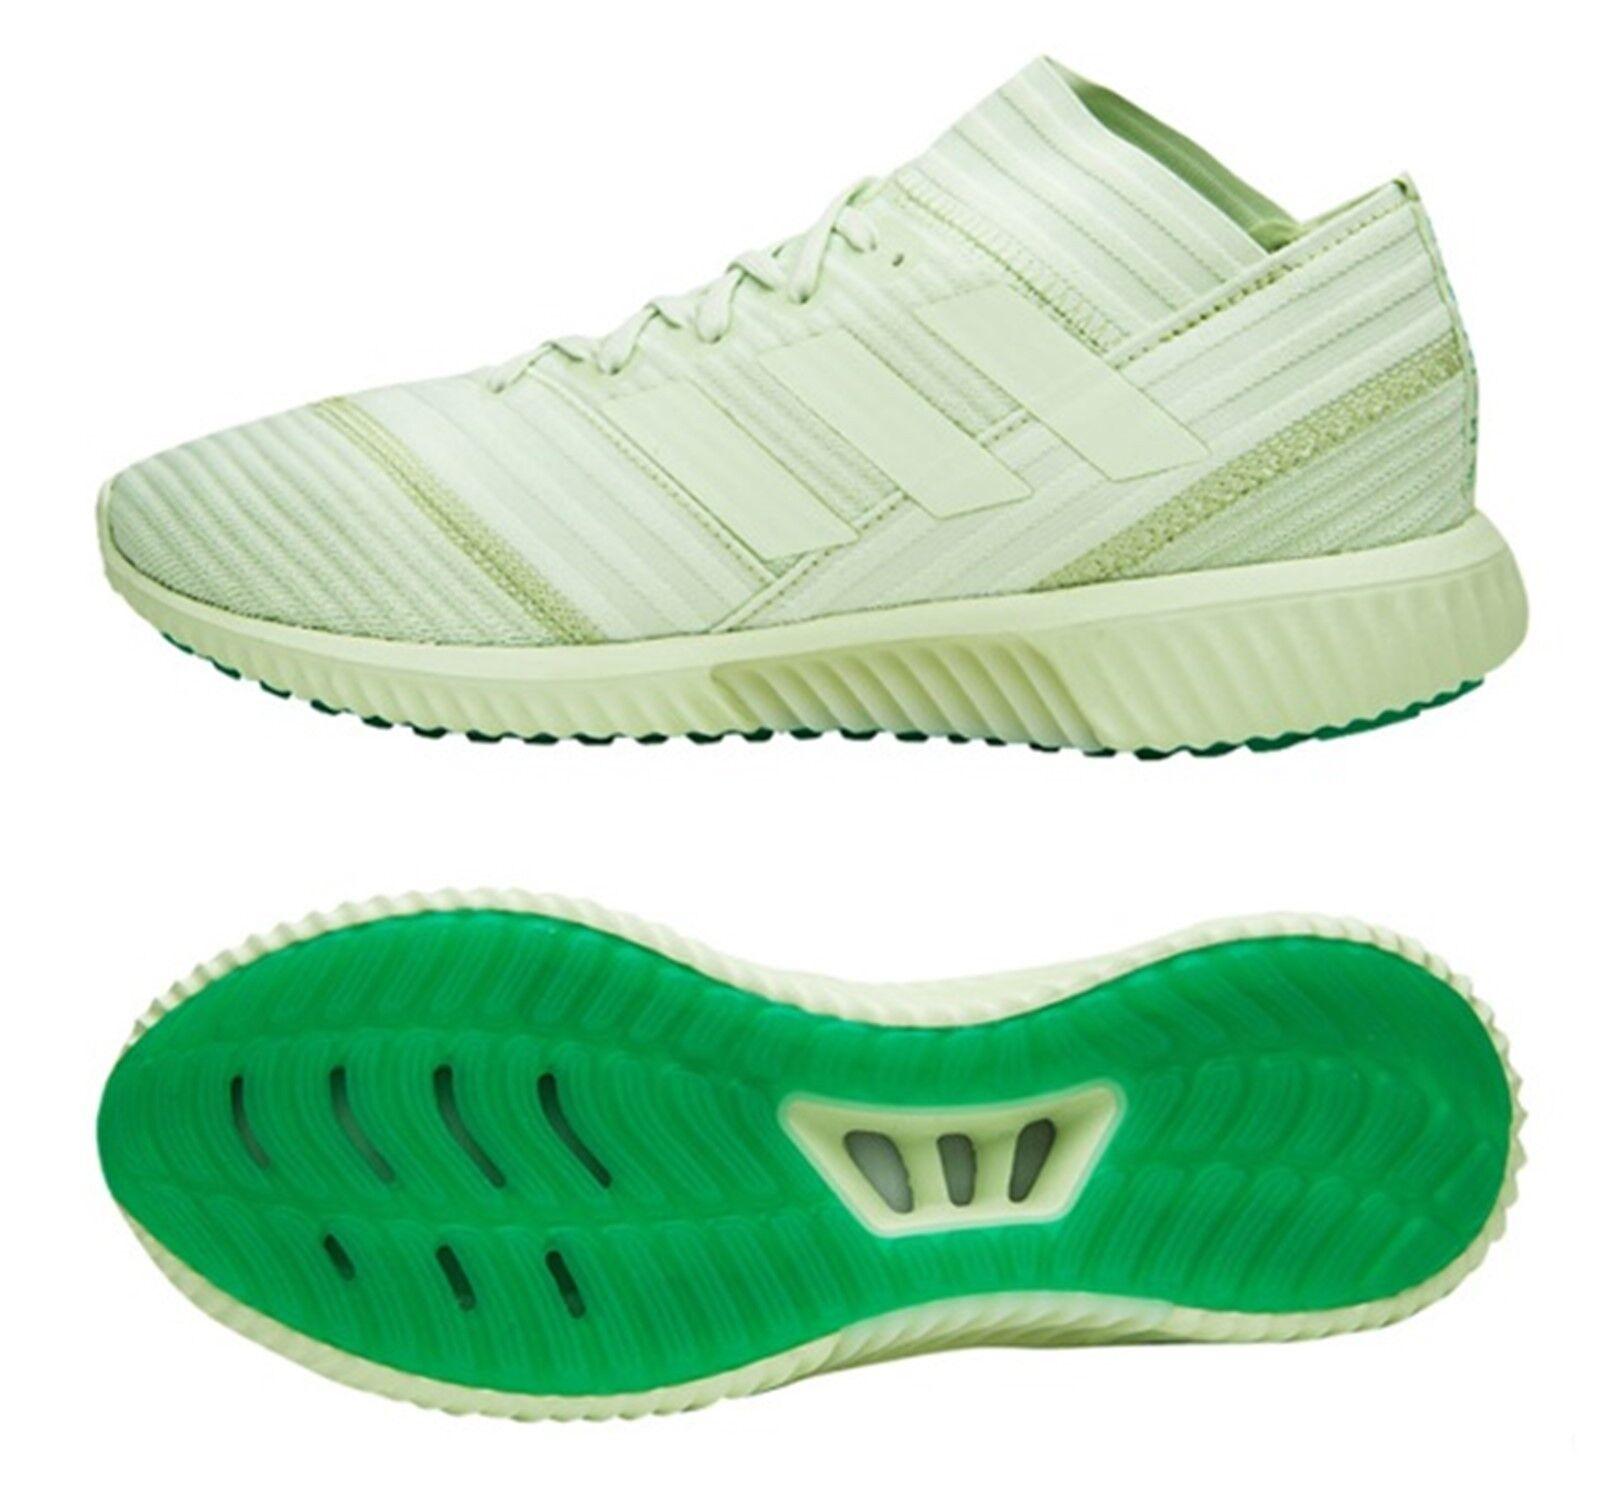 Adidas Hombres nemeziz Tango 17.1 TR Interior verde Zapatos deportivos de fútbol Zapatos bota de CP9117